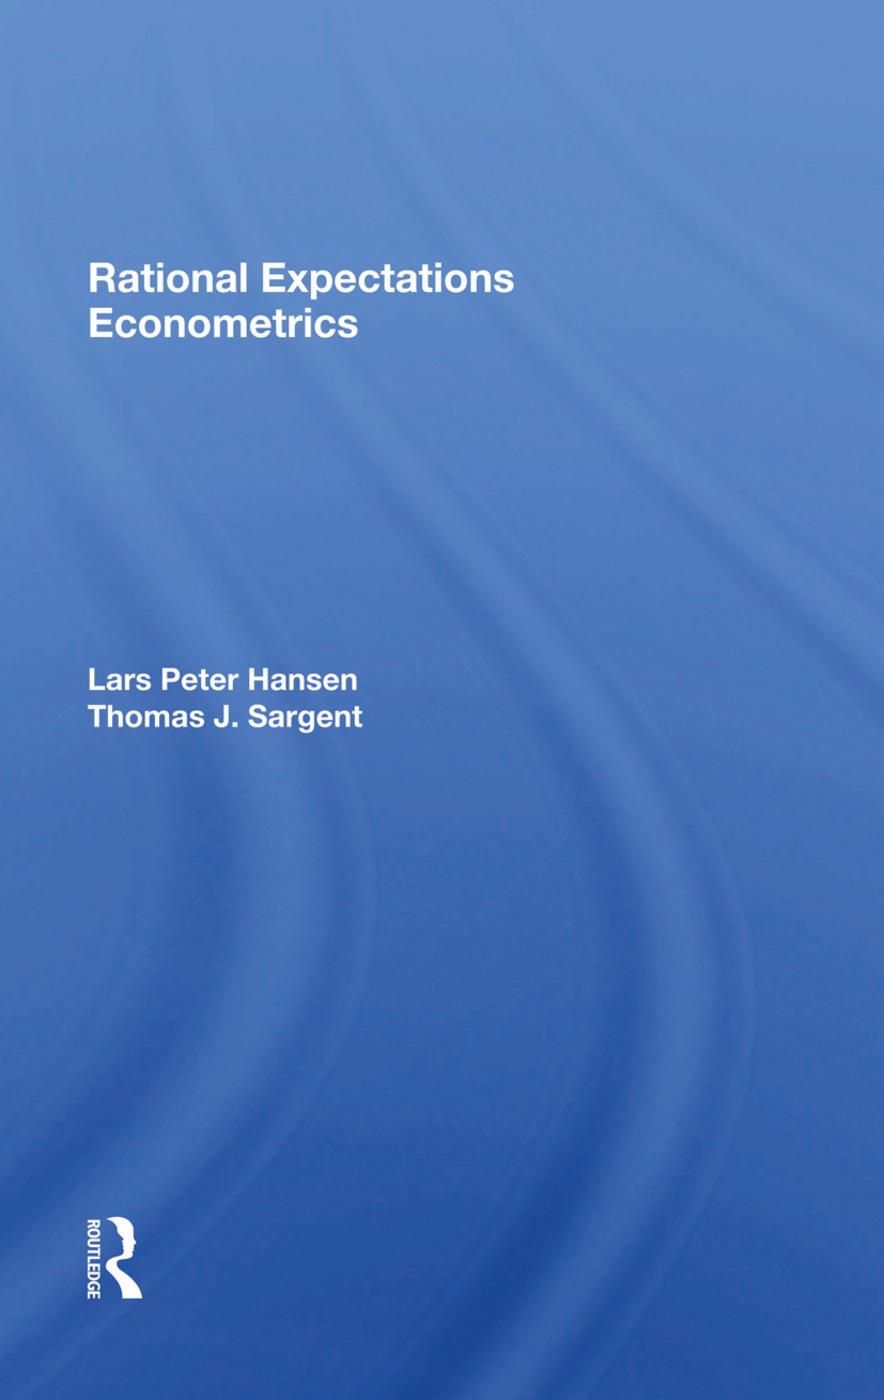 Rational Expectations Econometrics